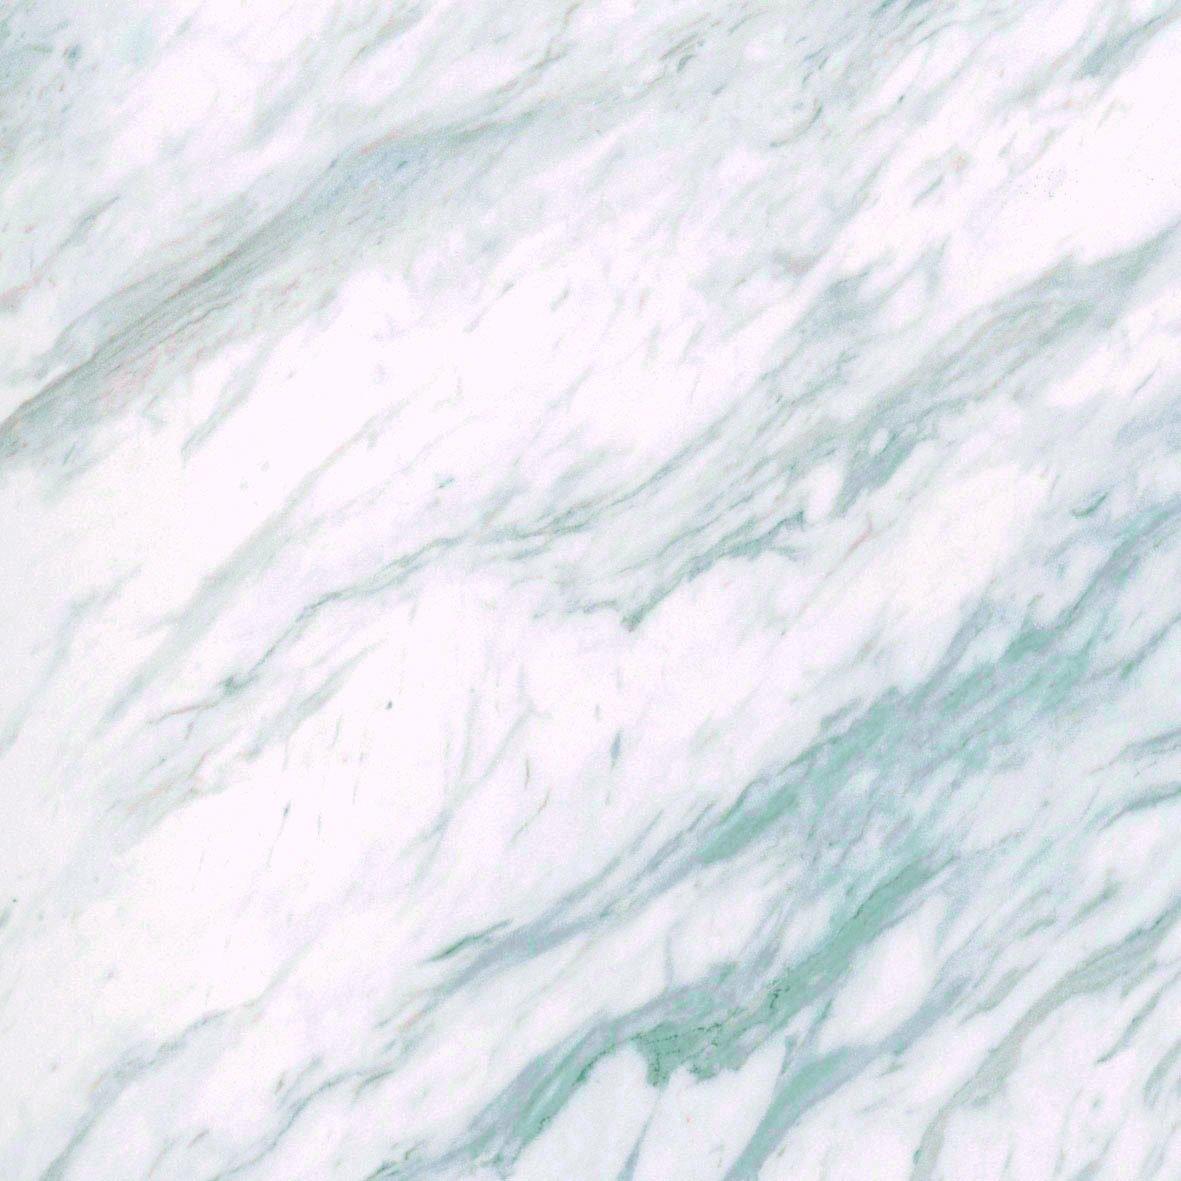 リリカラ 壁紙44m シンフル 石目調 グレー LL-8817 B01N3WCCOE 44m